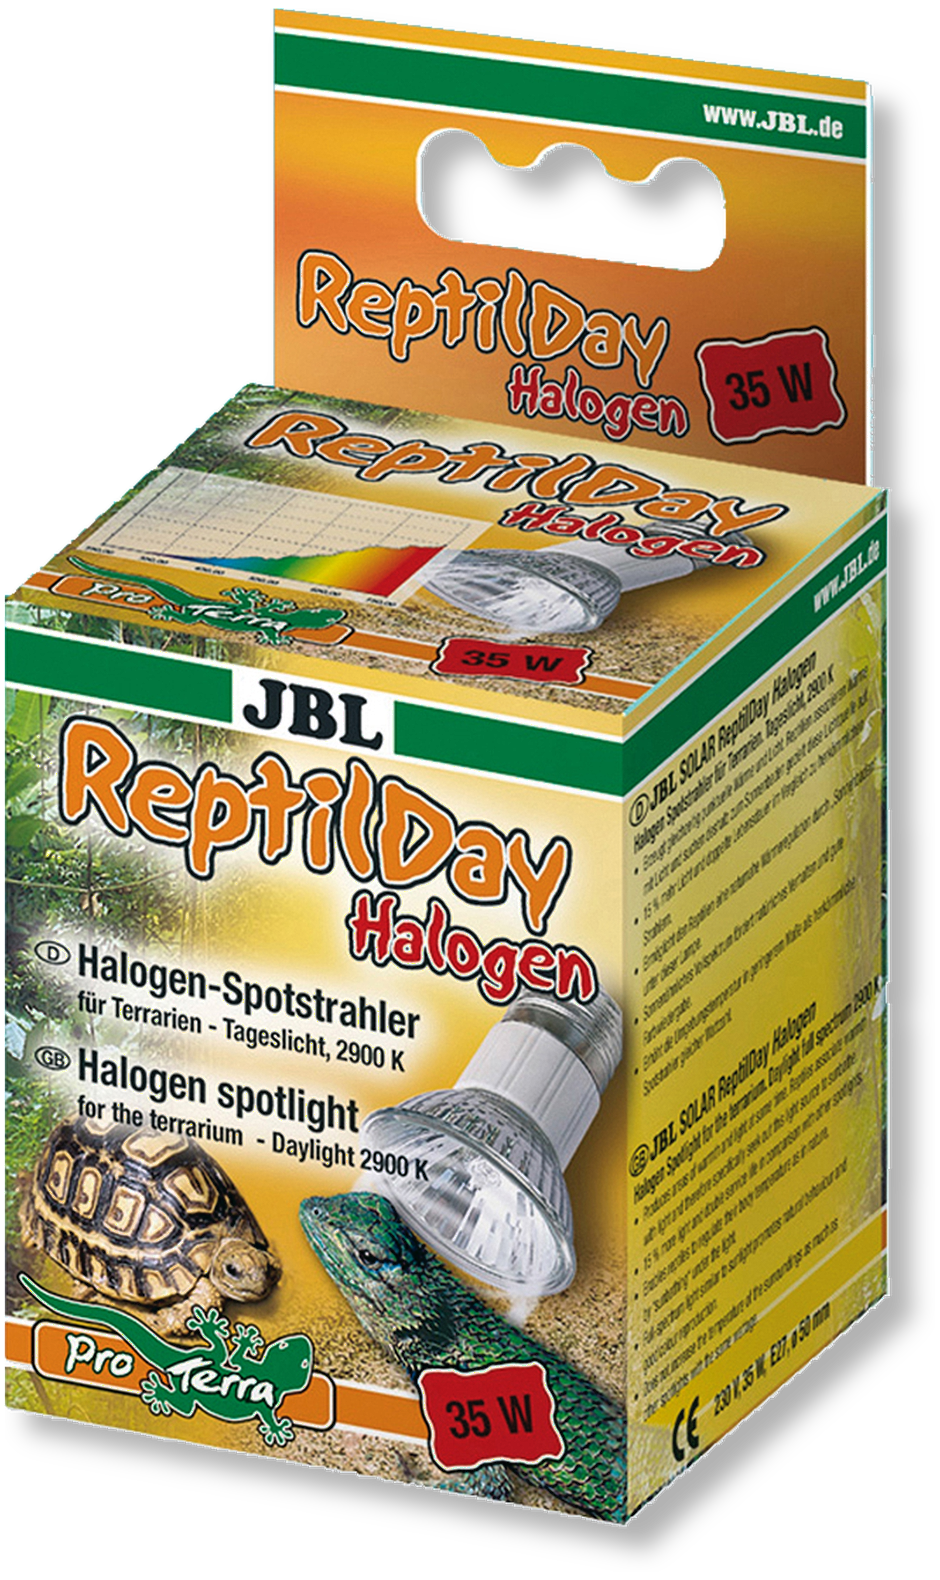 JBL ReptilDay Halogen 35 W